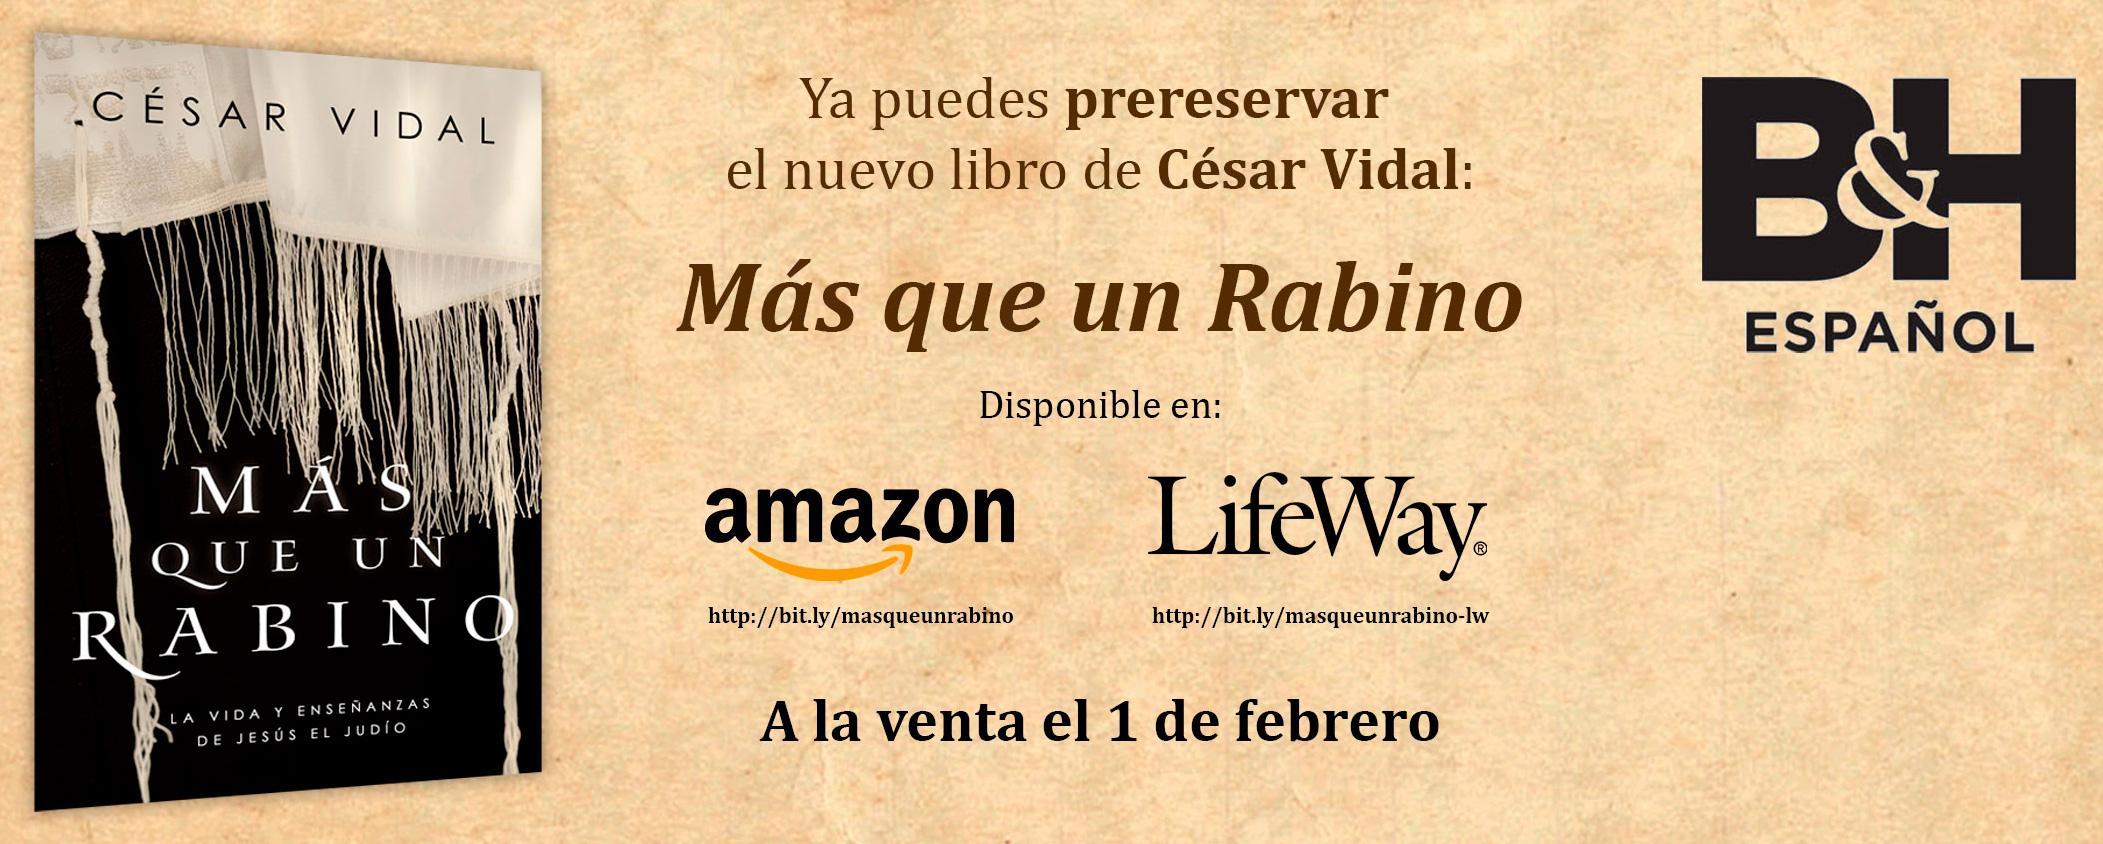 Ya puedes prereservar el libro de César Vidal Más que un Rabino en Amazon